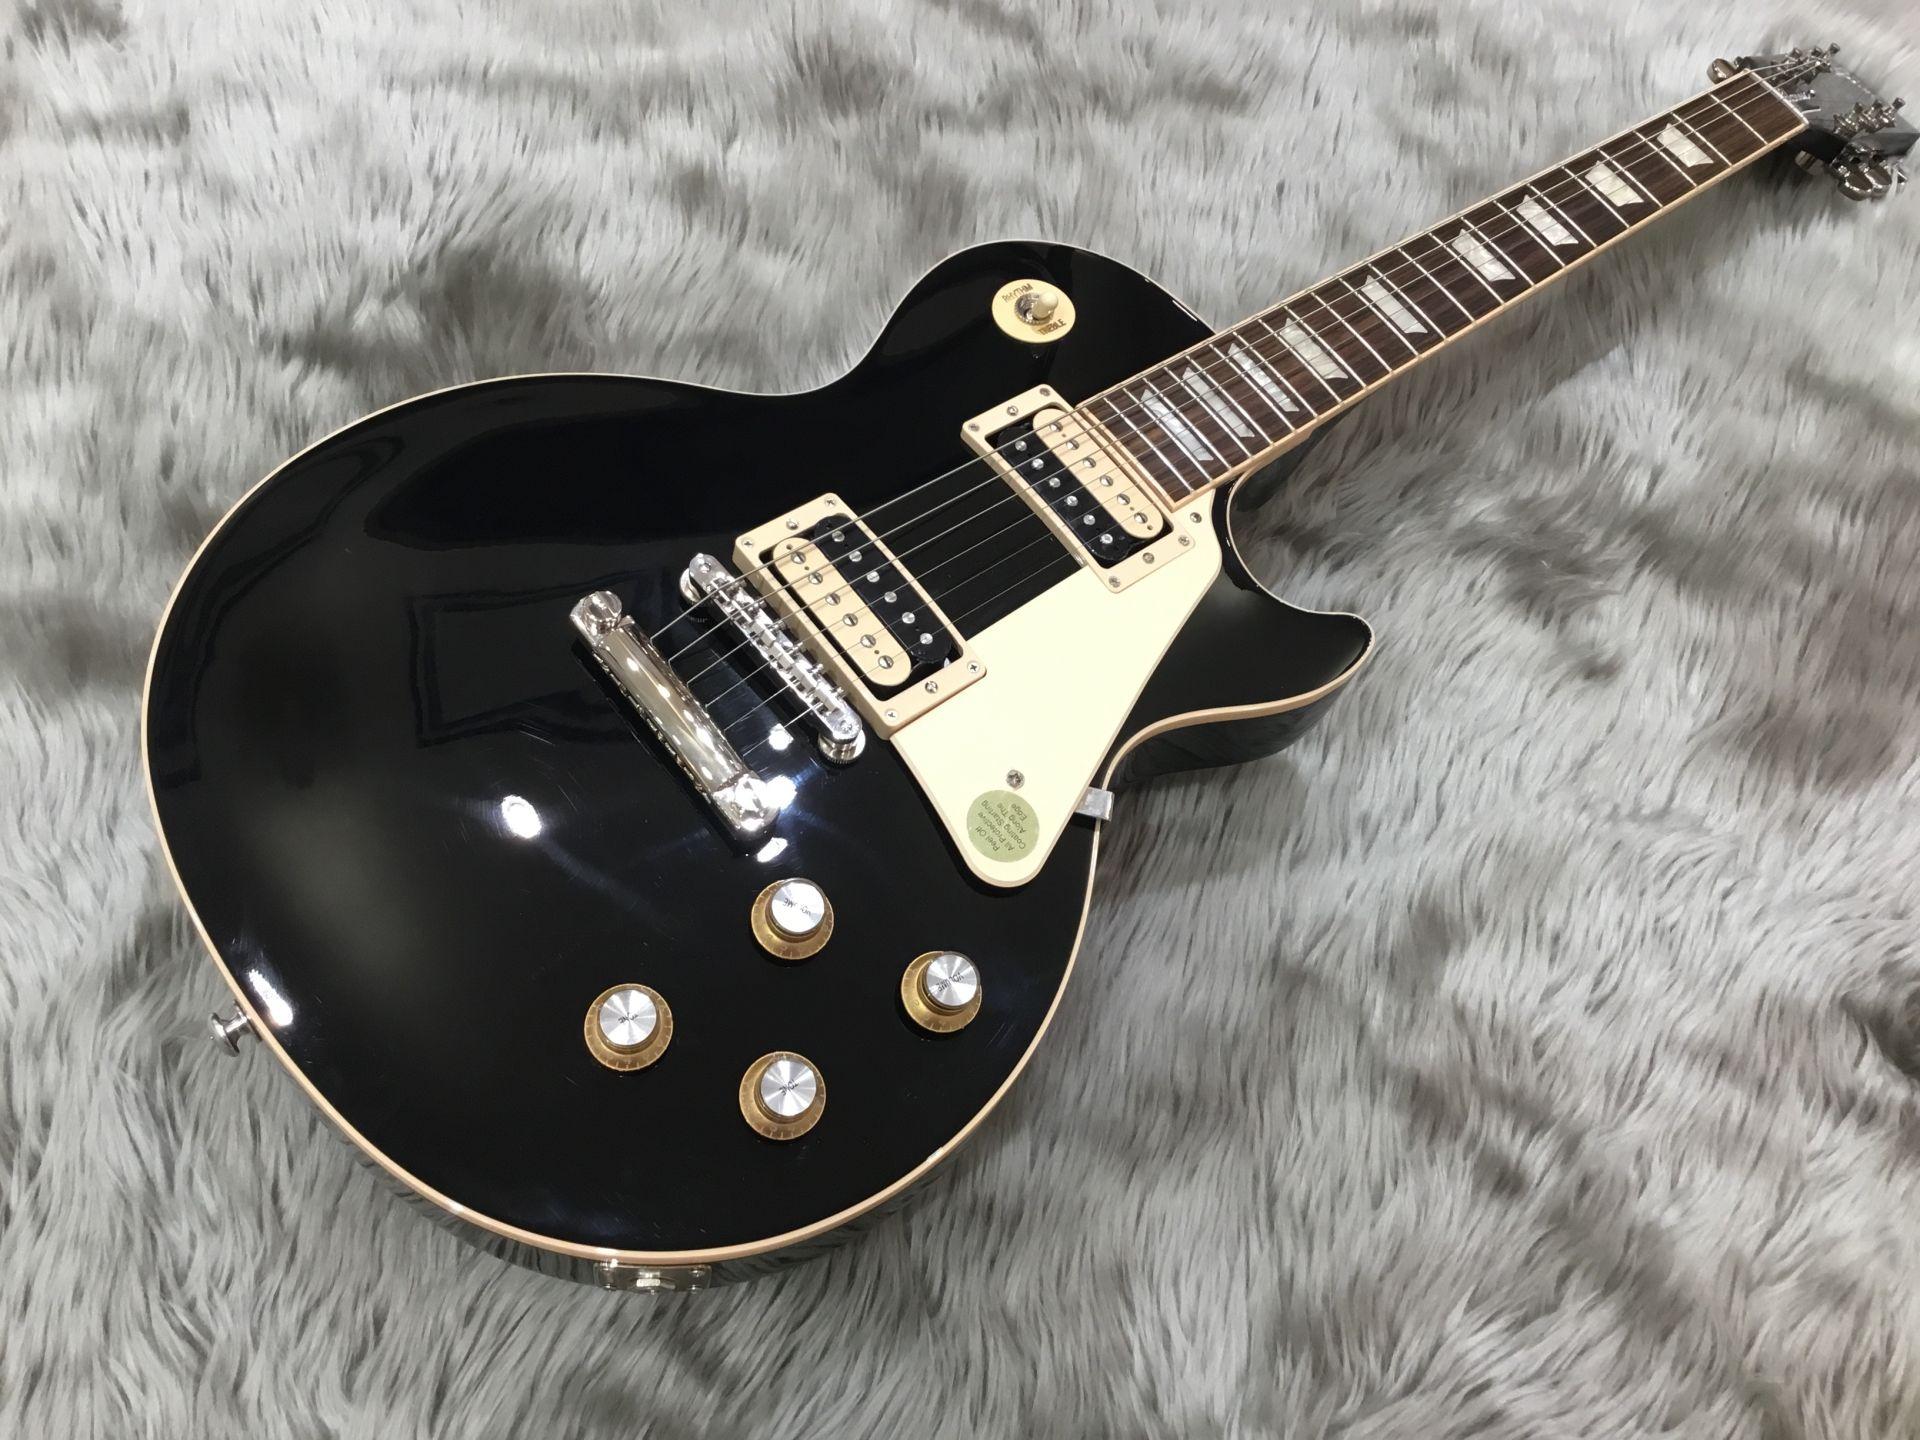 Gibson LP Classic 2019のボディトップ-アップ画像